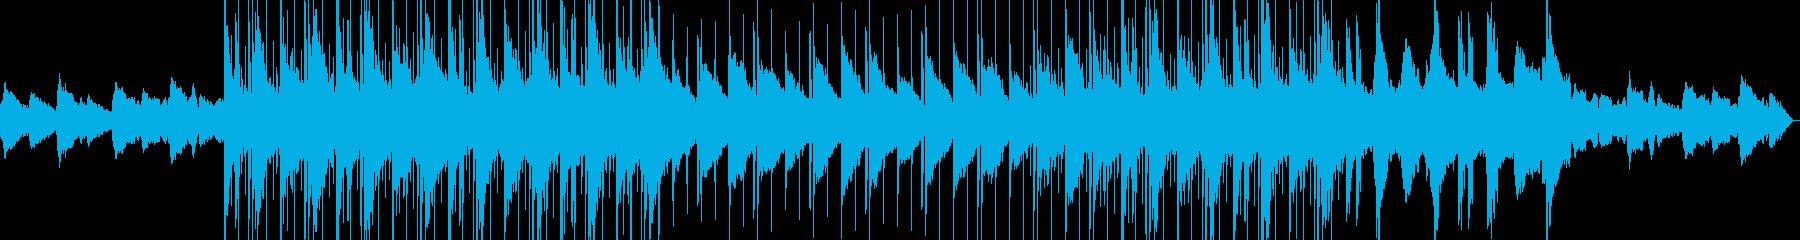 憂いな雰囲気のLo-fi Hiphopの再生済みの波形